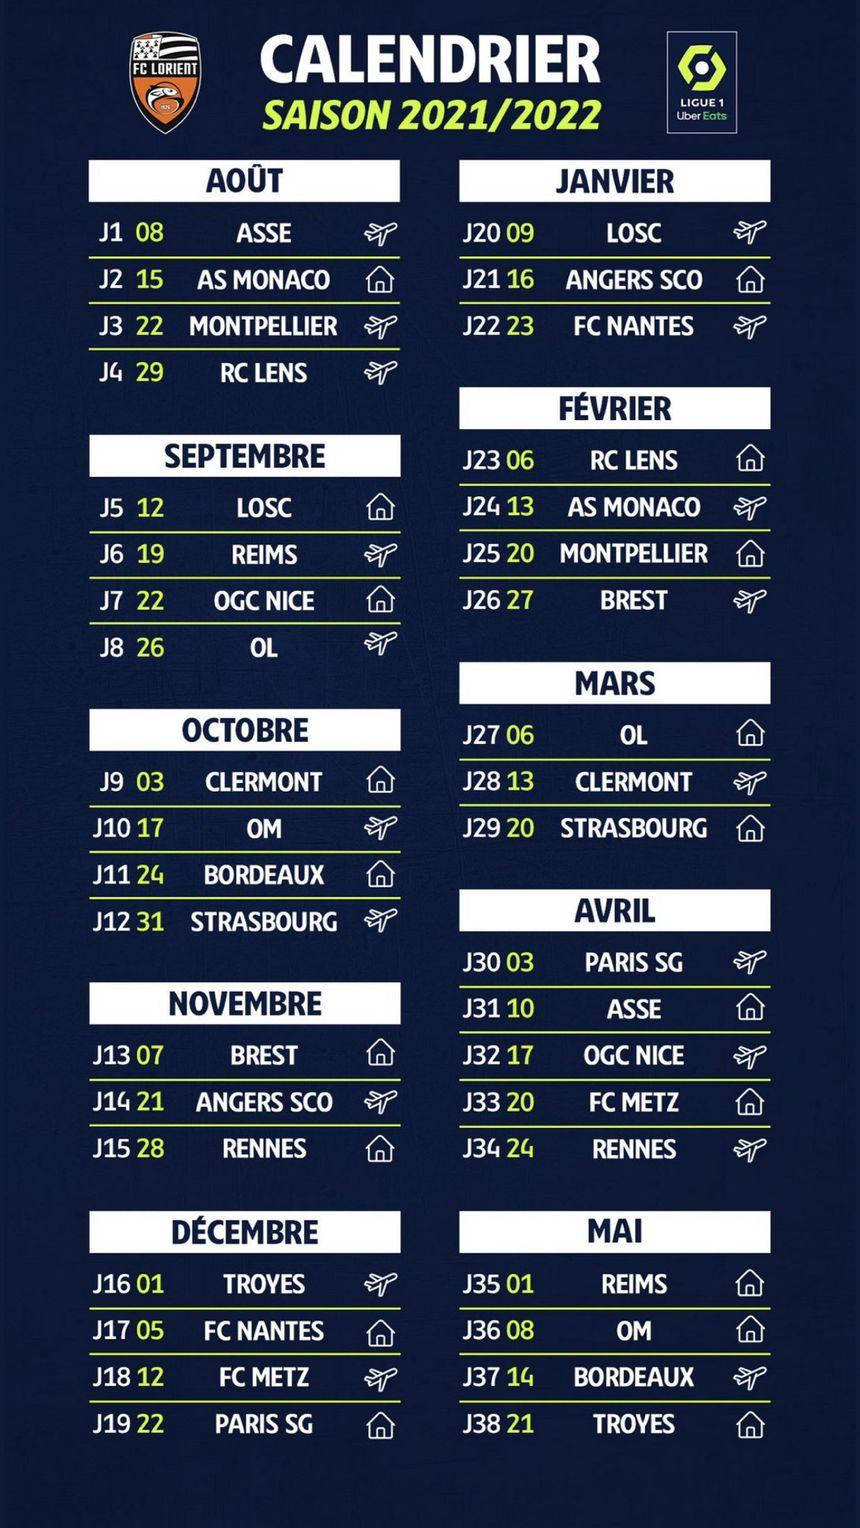 Calendrier Ligue 1 2022 Ligue 1 : le calendrier du FC Lorient pour la saison 2021 2022